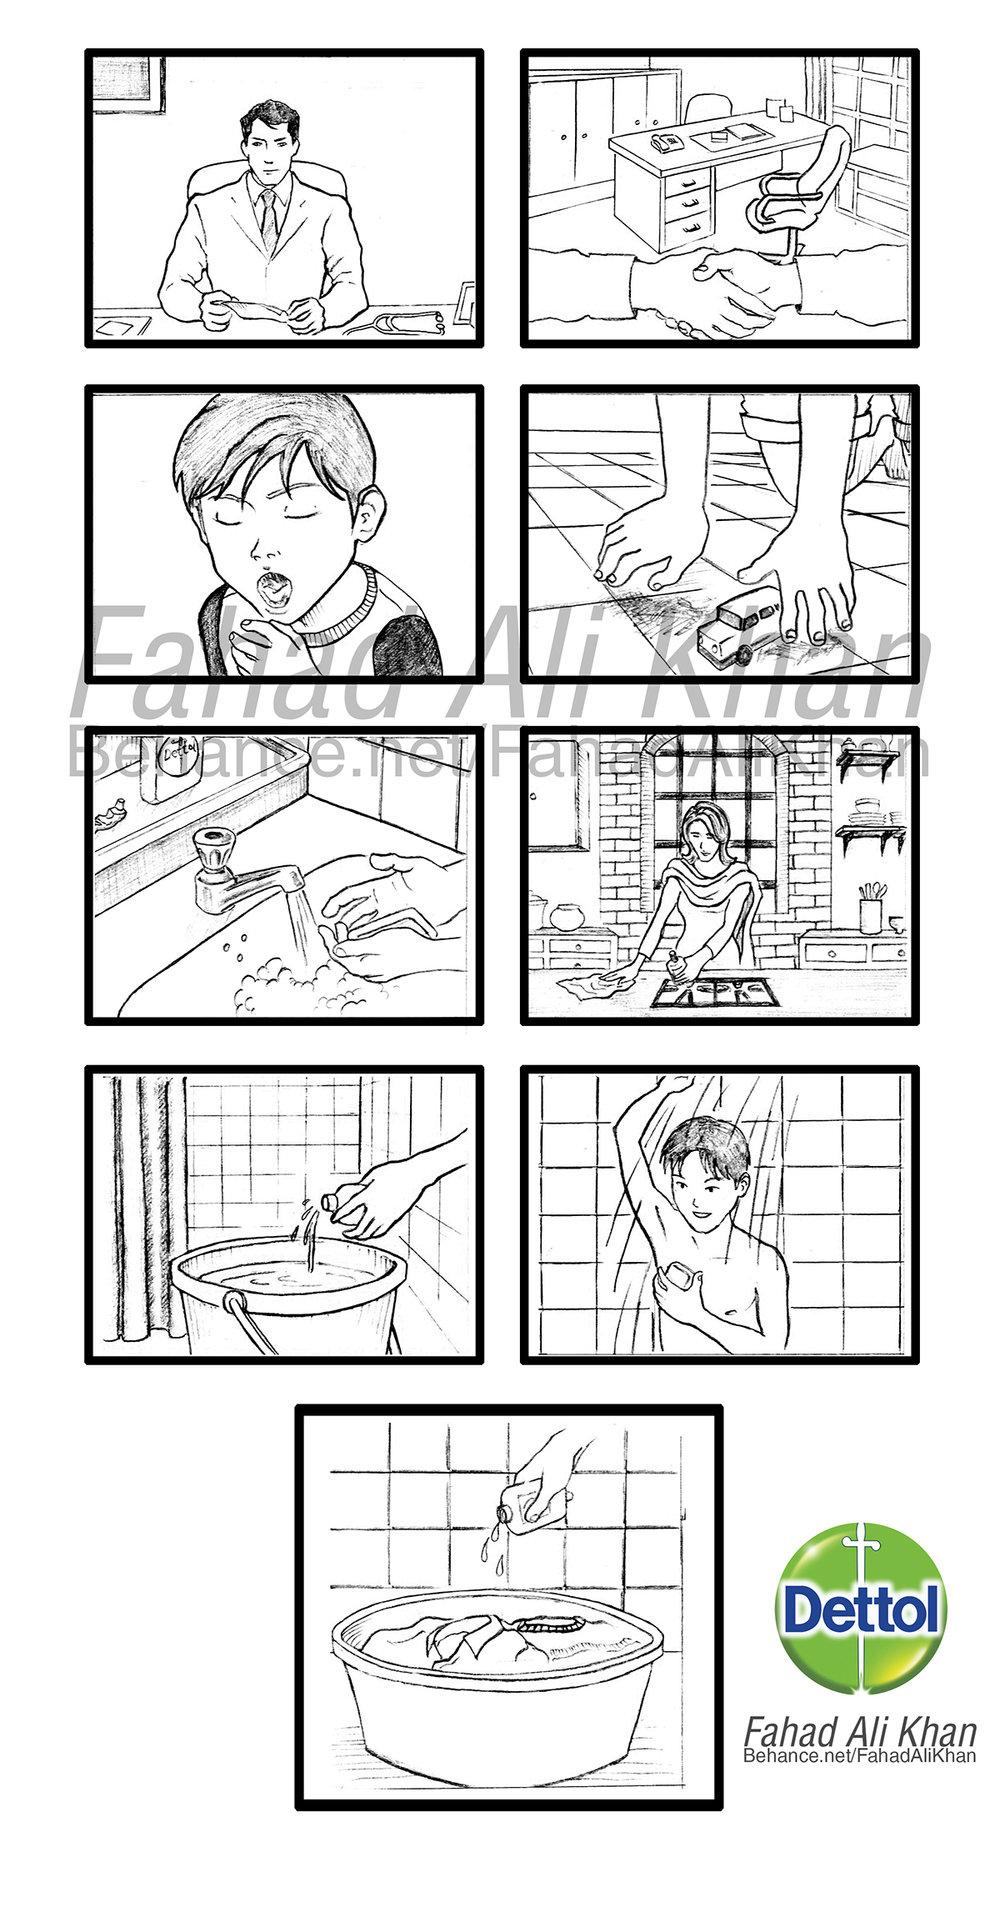 dettol-storyboard-by-fahad-ali-khan-animex.jpg